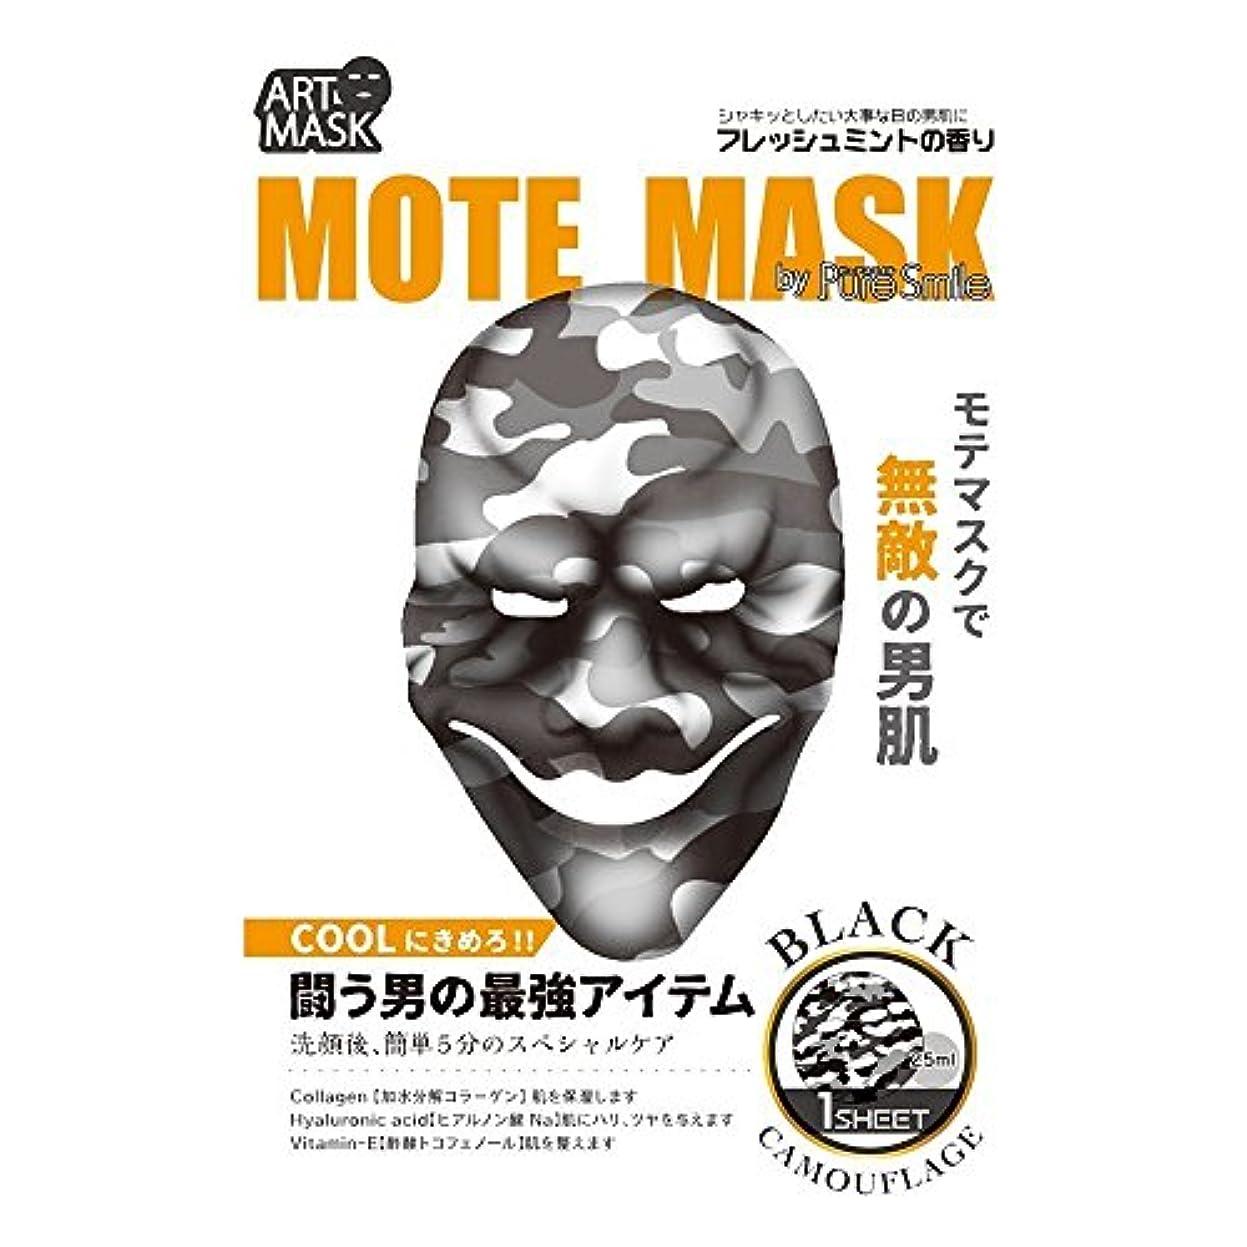 守るインフルエンザコンテストピュアスマイル モテマスク グリーンカモフラージュ MA01 【ワイルド】